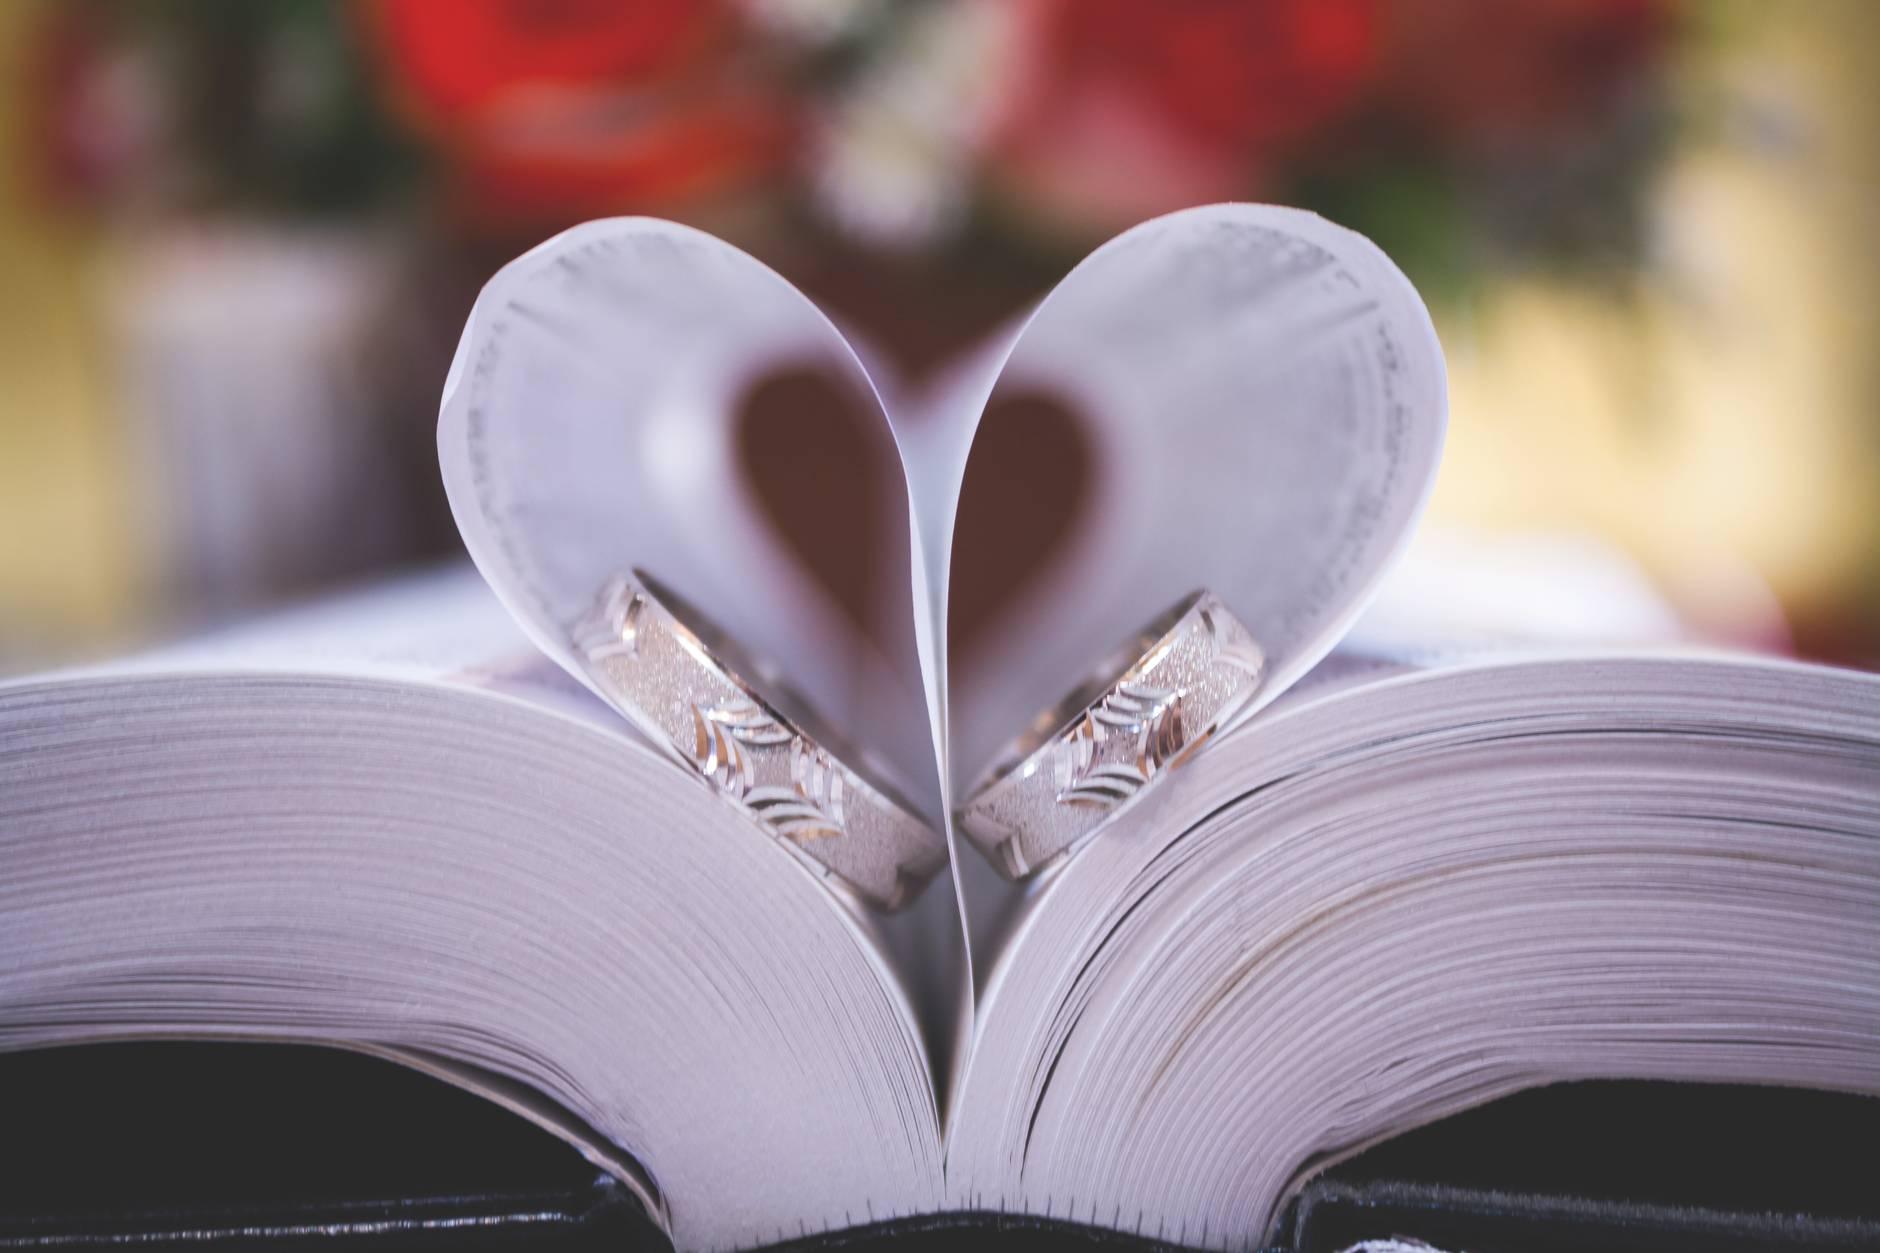 婚礼邀请卡设计干货分享 一篇文章教你做出优质邀请卡